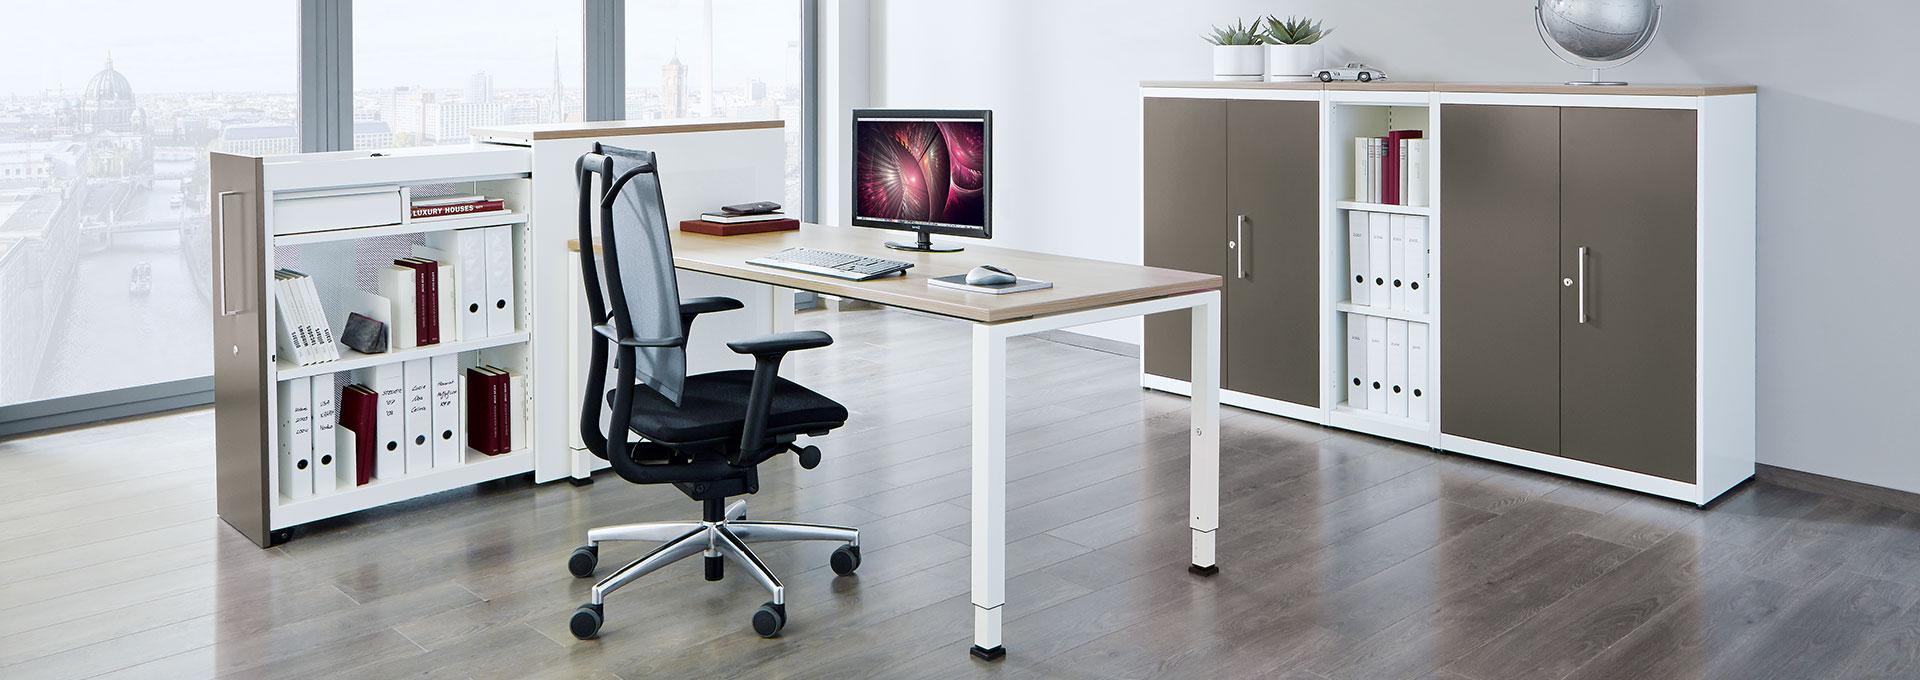 Schreibtisch-Arbeitstisch-Hochauszugschrank-arcos-mauser-slider